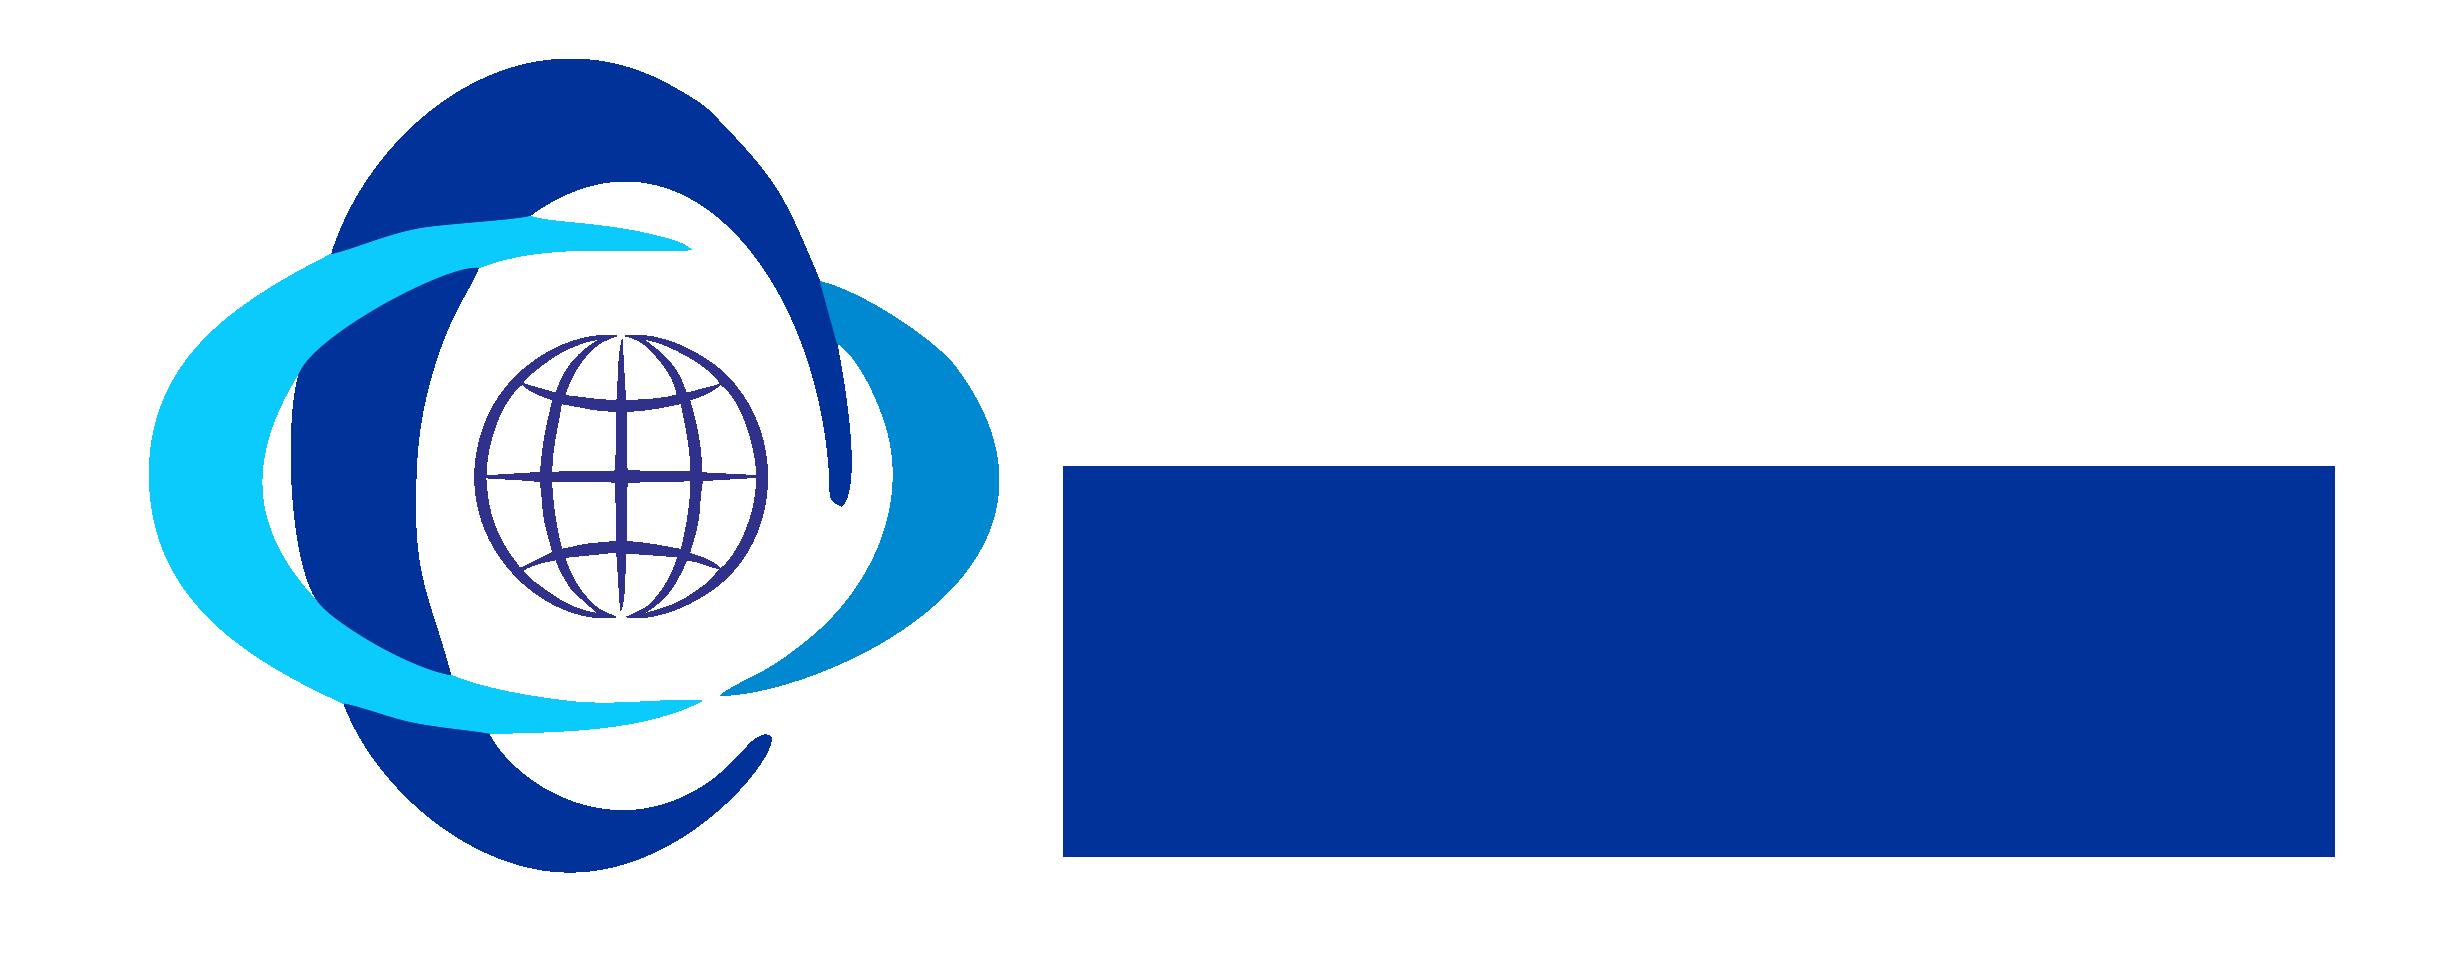 logo 标识 标志 设计 矢量 矢量图 素材 图标 2459_955